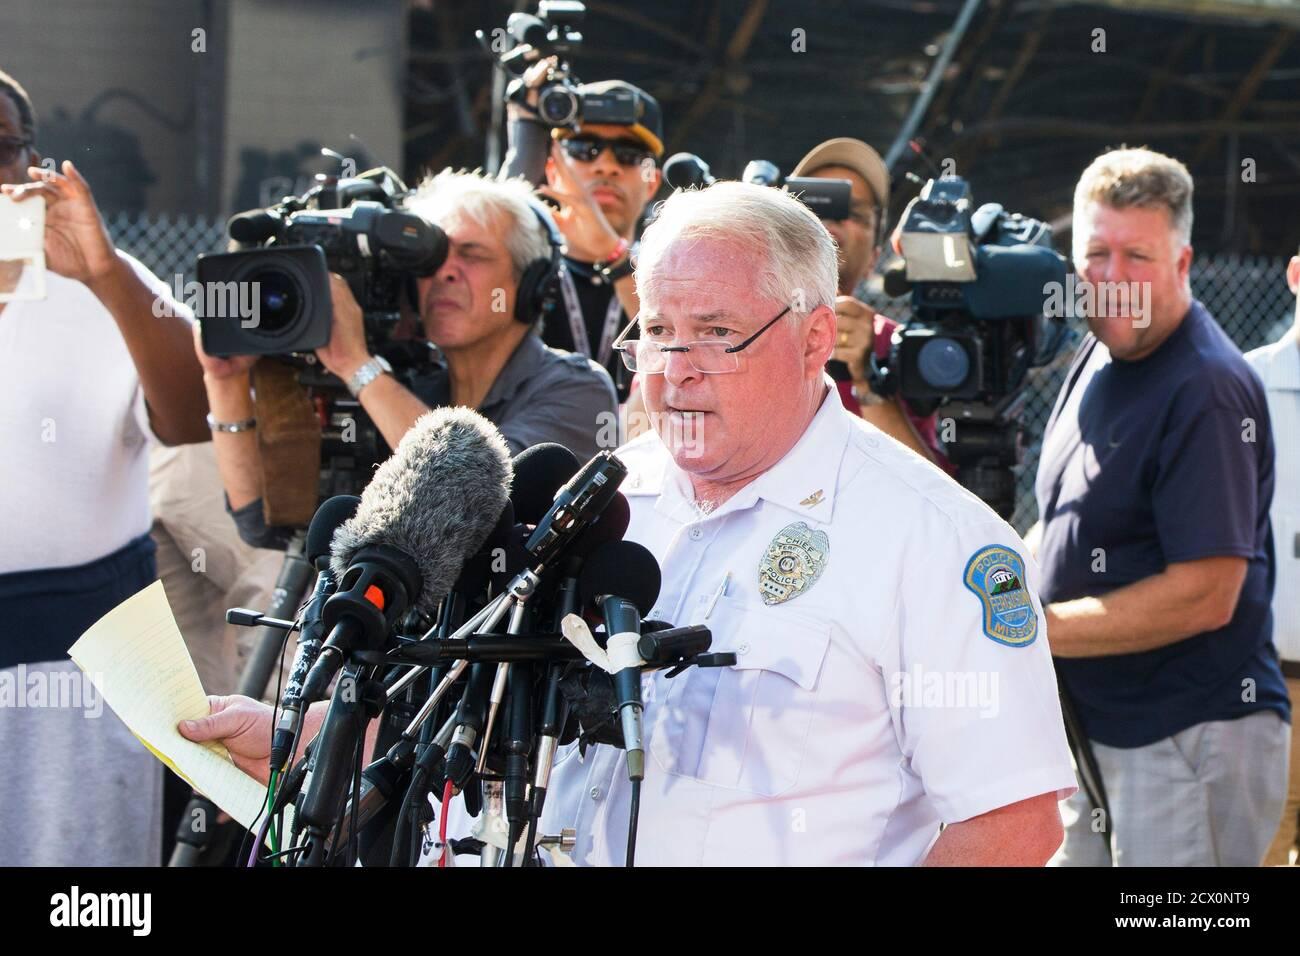 Le chef de police de Ferguson, Thomas Jackson, annonce le nom de l'officier impliqué dans la fusillade de Michael Brown à titre d'officier Darren Wilson, à Ferguson, Missouri, le 15 août 2014. Le briefing s'est tenu près d'un dépanneur QuikTrip qui avait été brûlé dans le cadre de manifestations à la suite de la fusillade de Brown, 18 ans, samedi dernier. REUTERS/Lucas Jackson (ÉTATS-UNIS - Tags: DROIT DE LA CRIMINALITÉ DE TROUBLES CIVILS) Banque D'Images